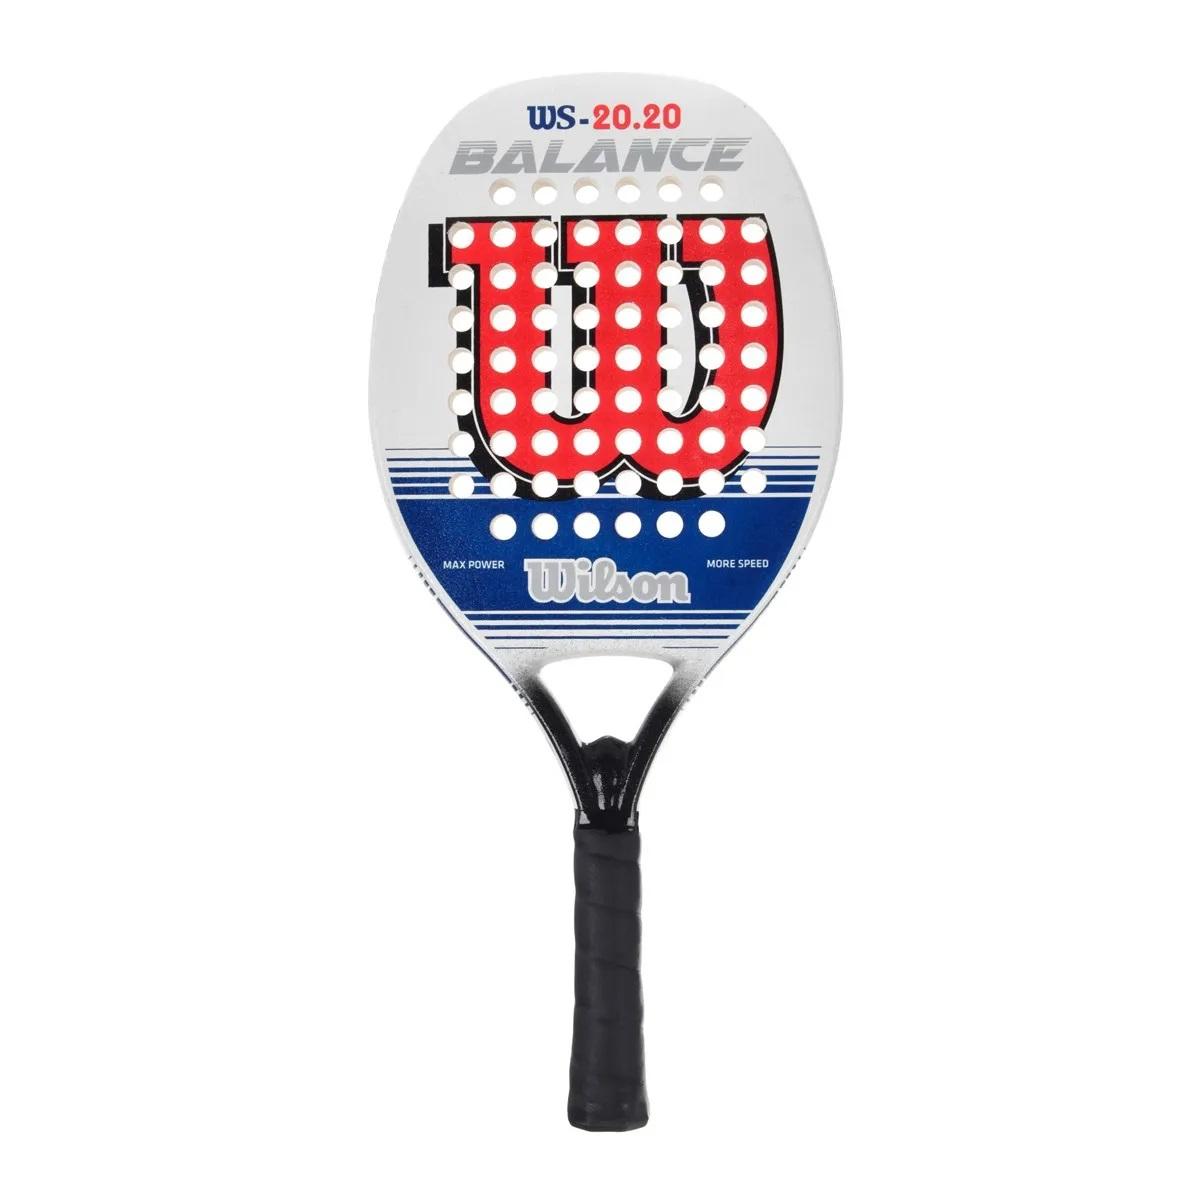 Raquete De Beach Tennis - Ws 20.20 - Branca, Vermelha e Azul  - PROTENISTA